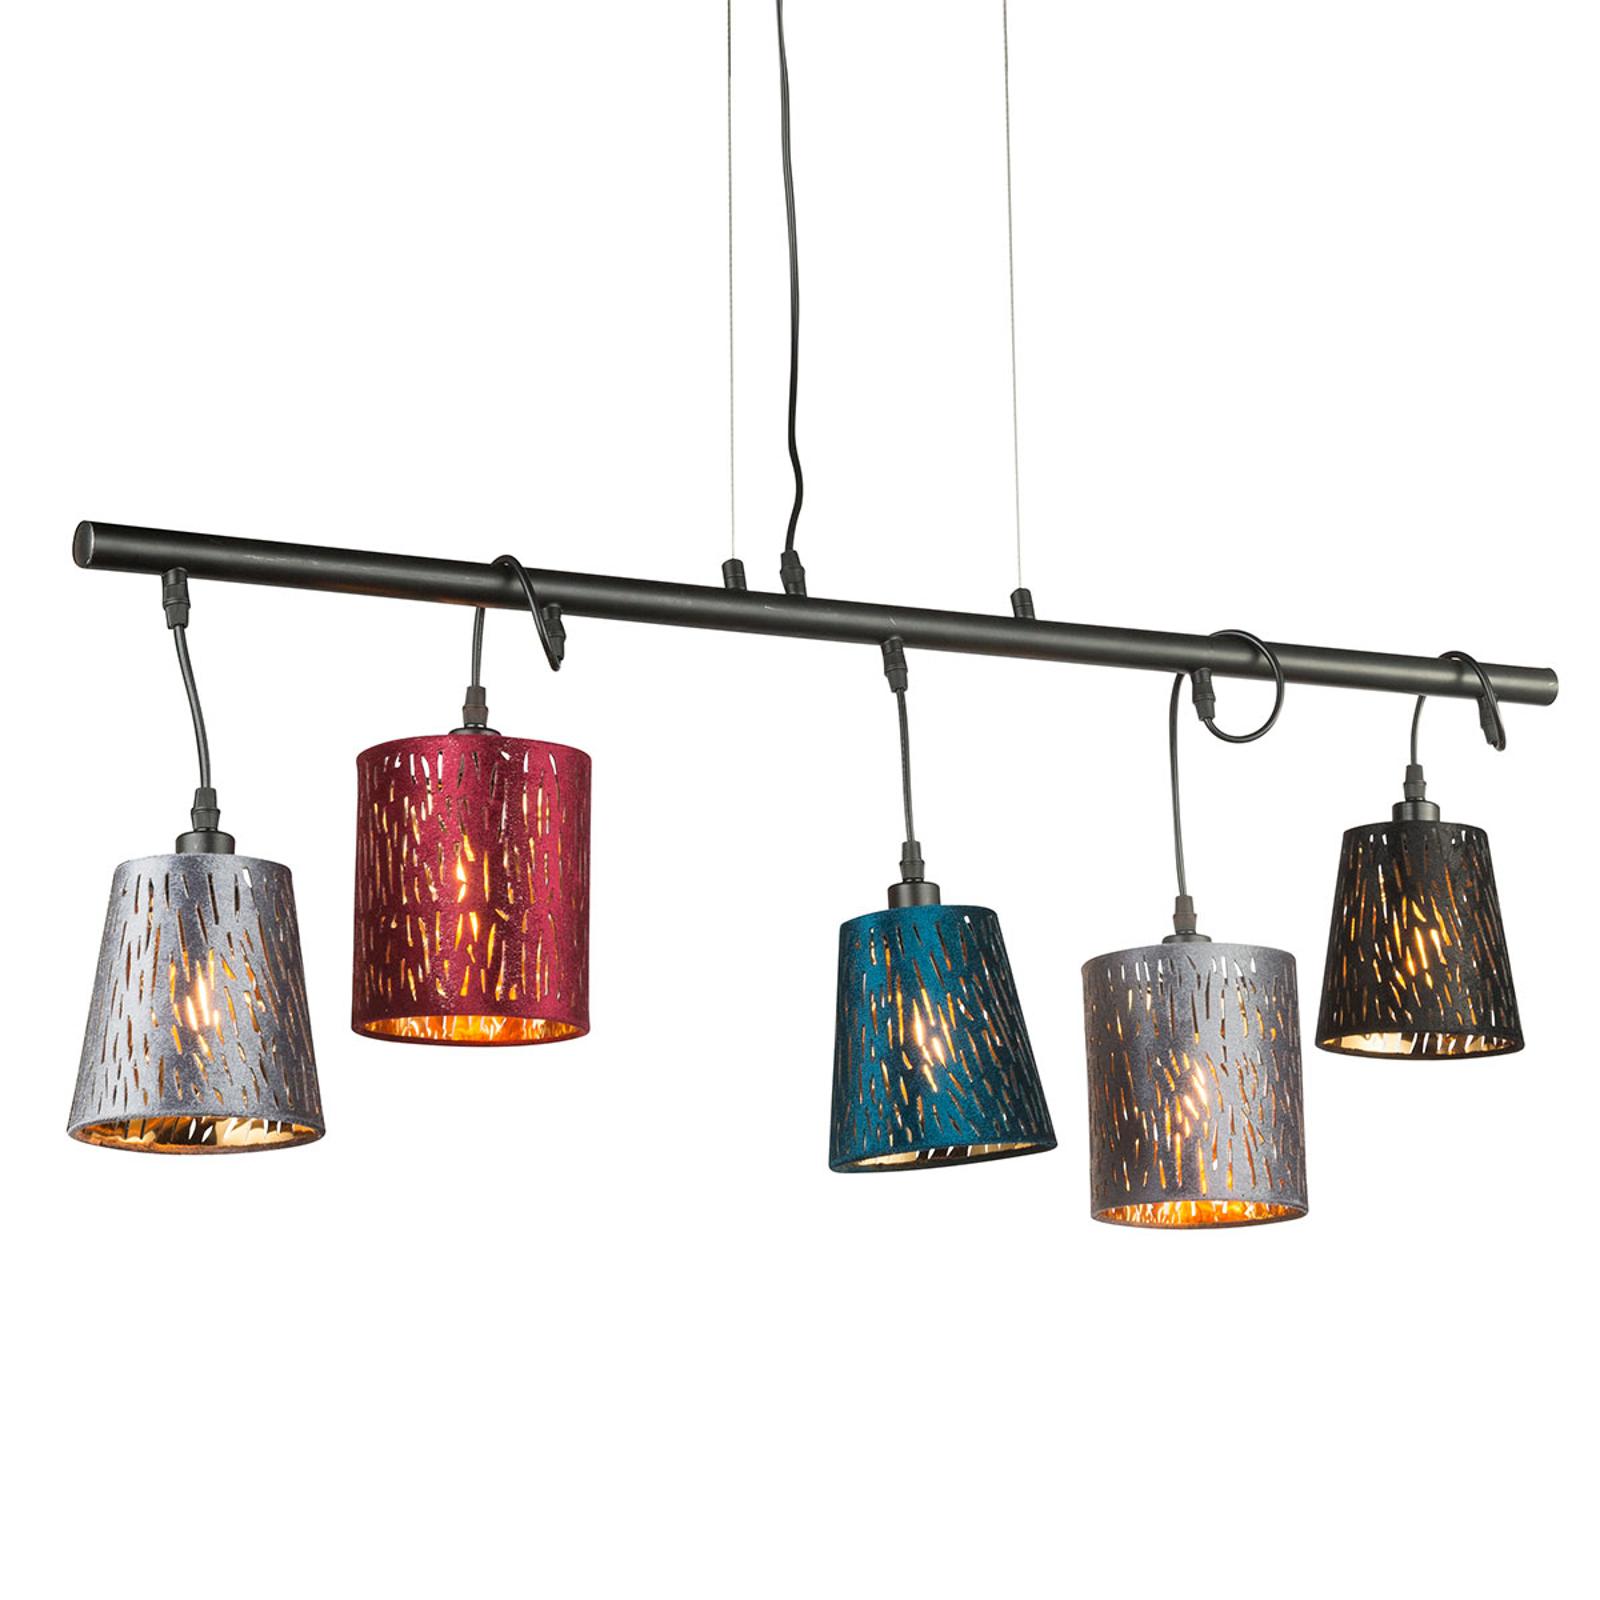 Lampa wisząca Ticon – klosze z regulowanym kablem